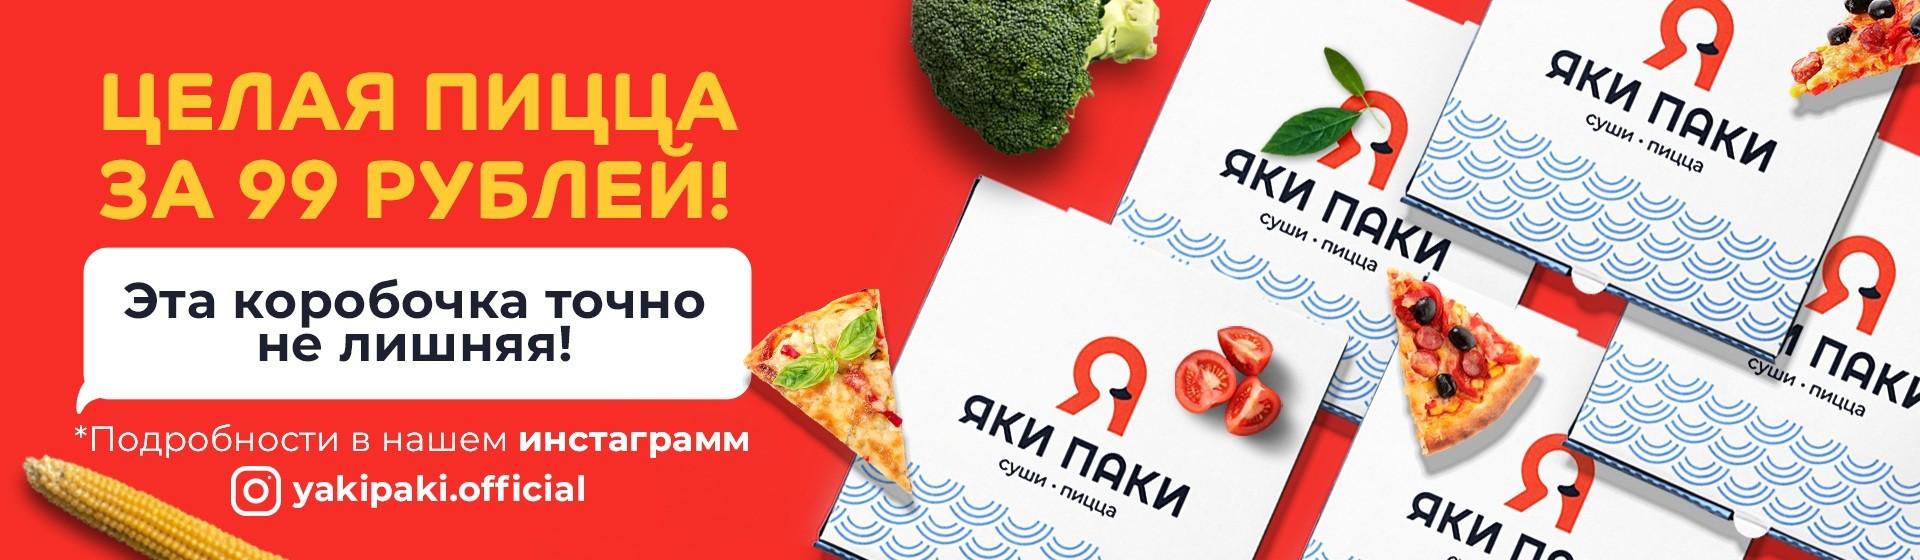 Пицца за 99 рублей